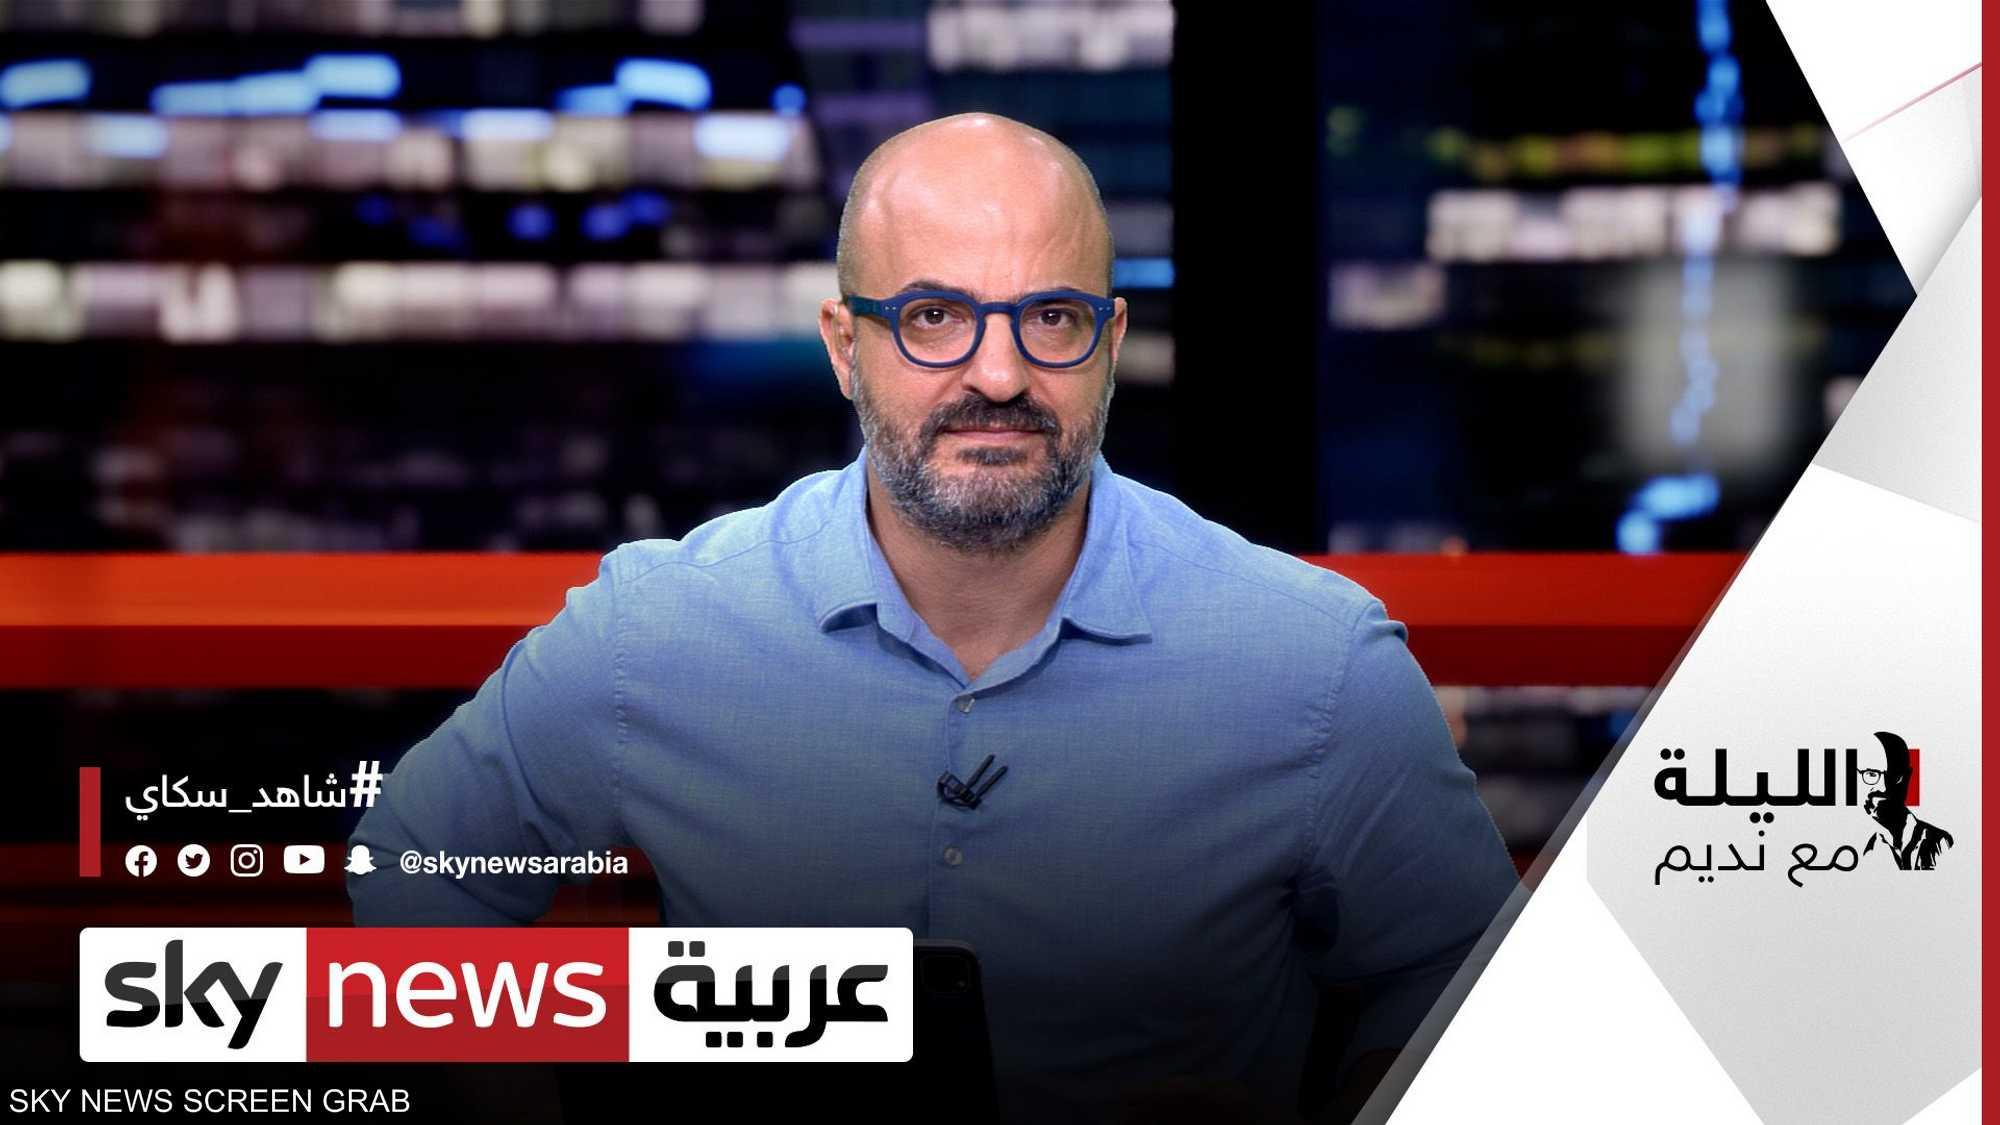 انتخابات العراق.. برعاية TALABAT؟! وواشنطن والحلفاء